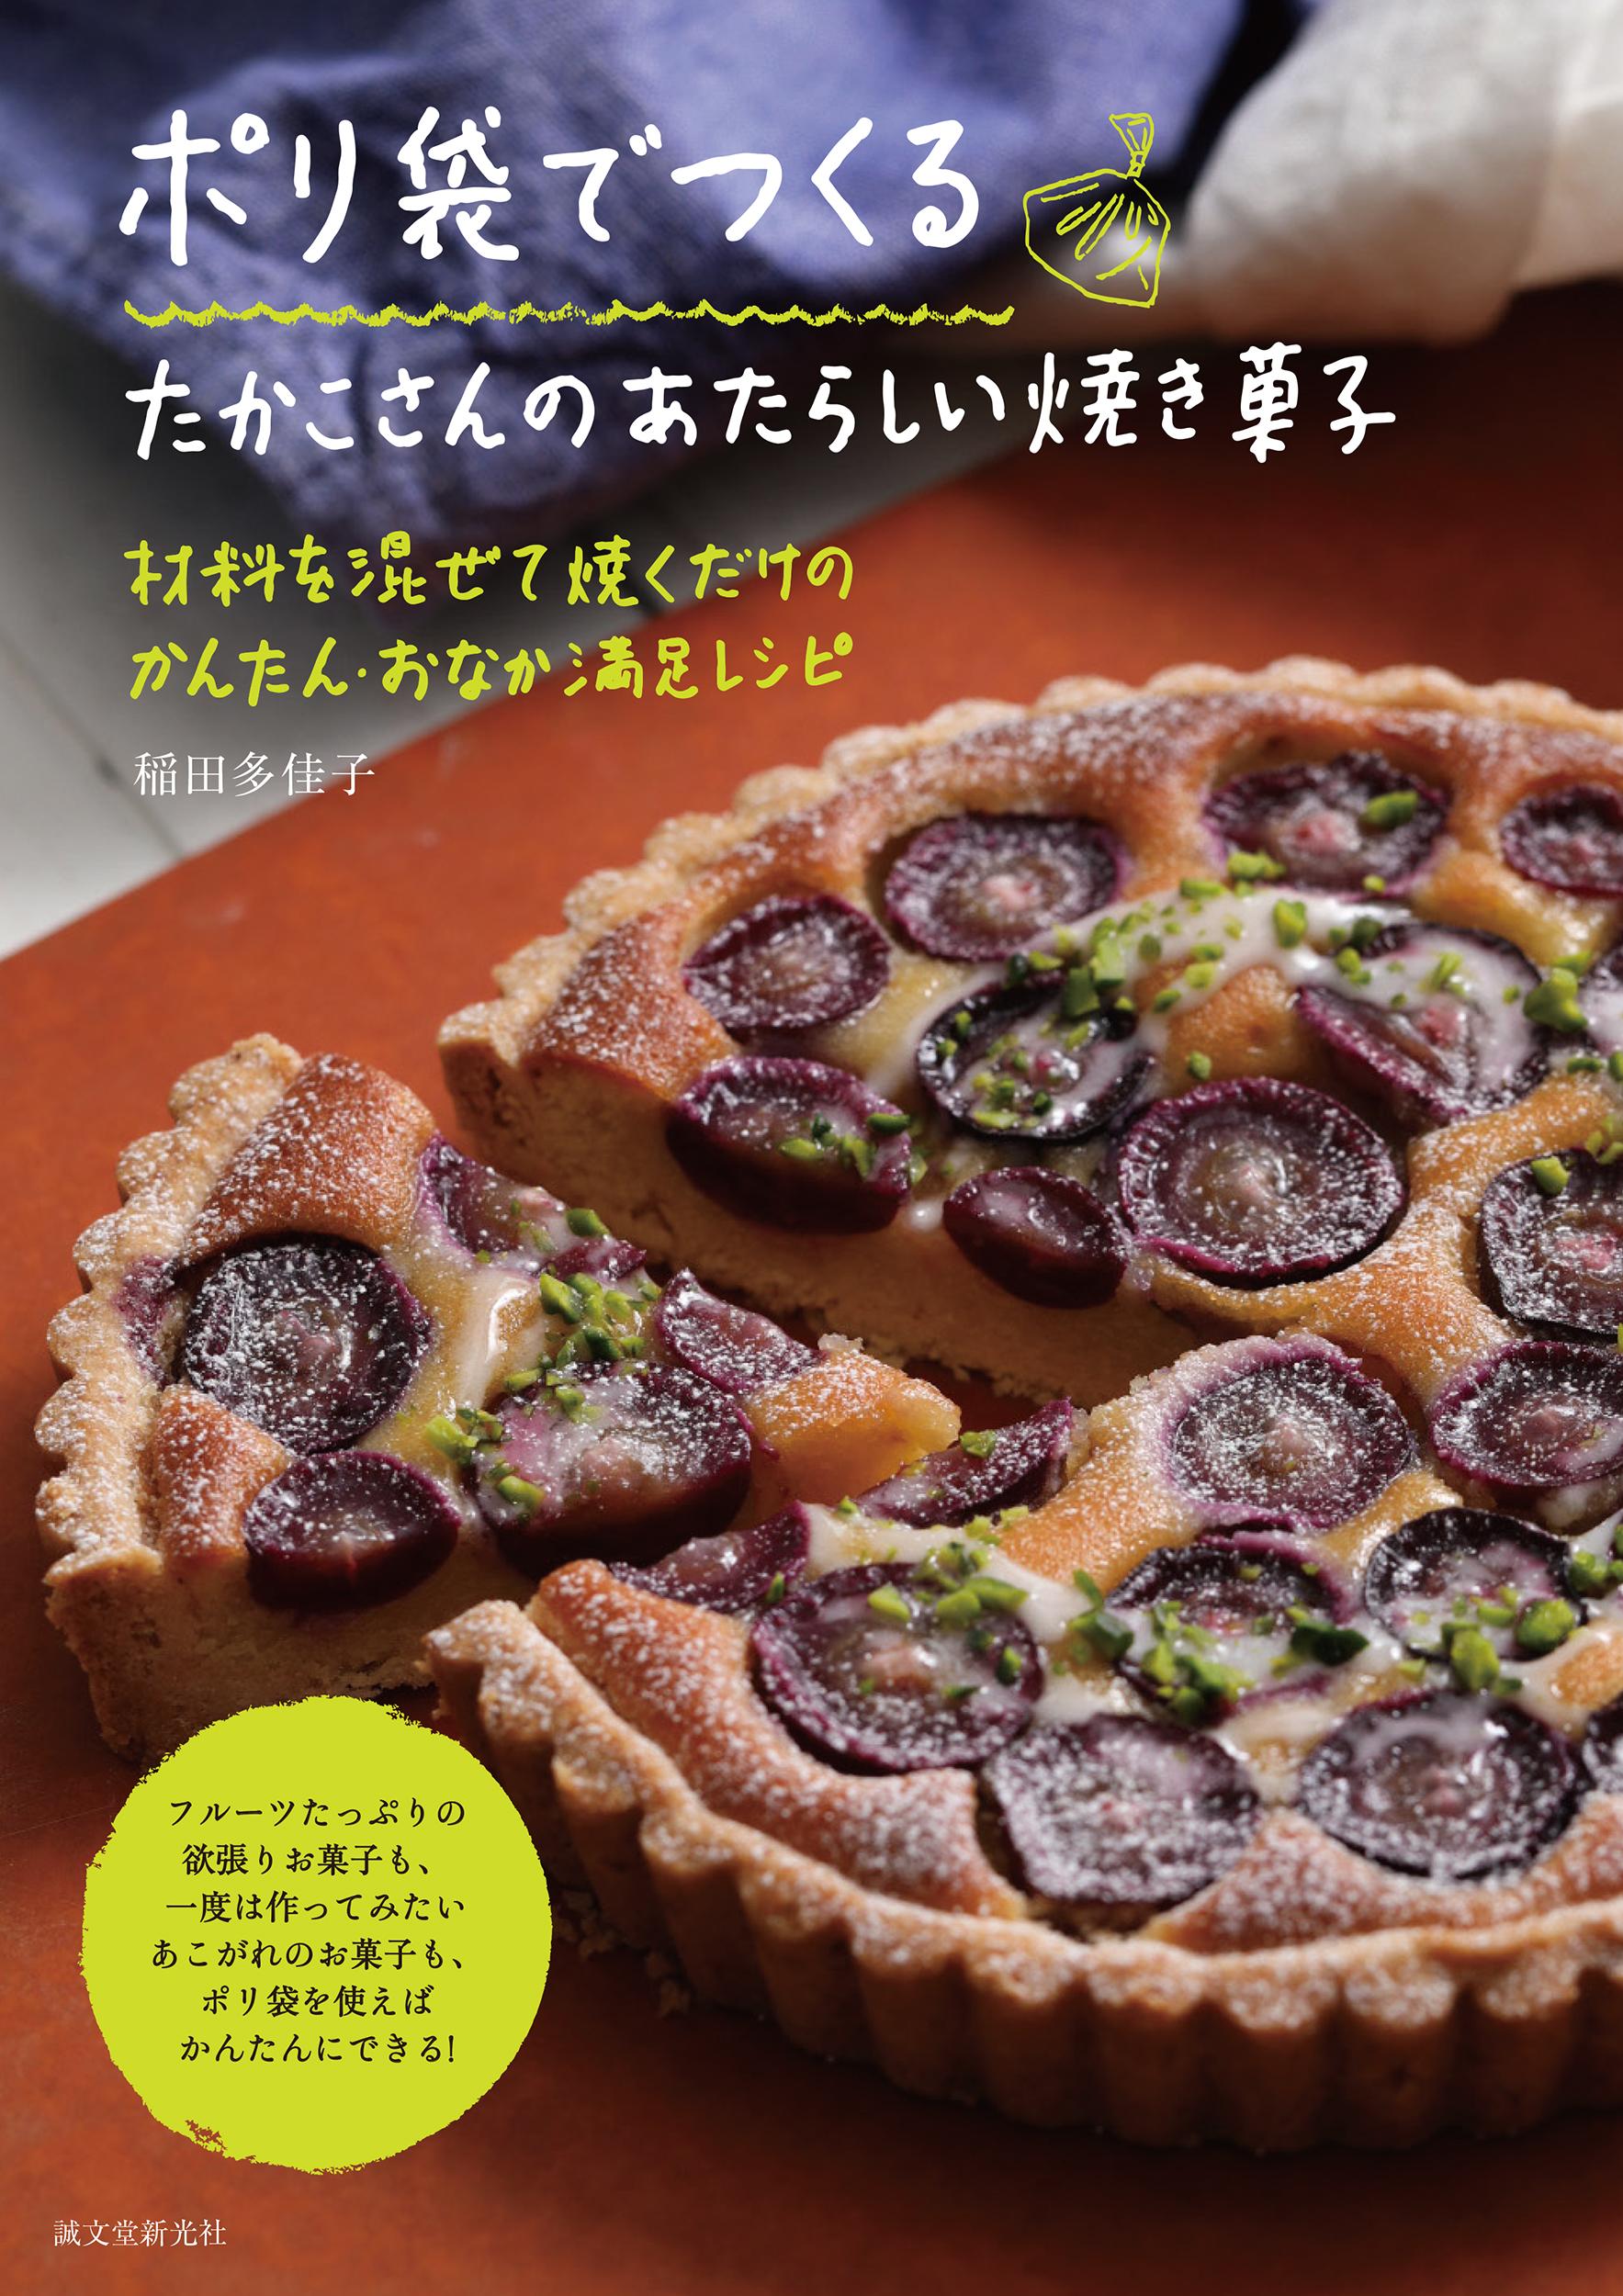 画像は、『ポリ袋でつくる たかこさんのあたらしい焼き菓子』(誠文堂新光社)